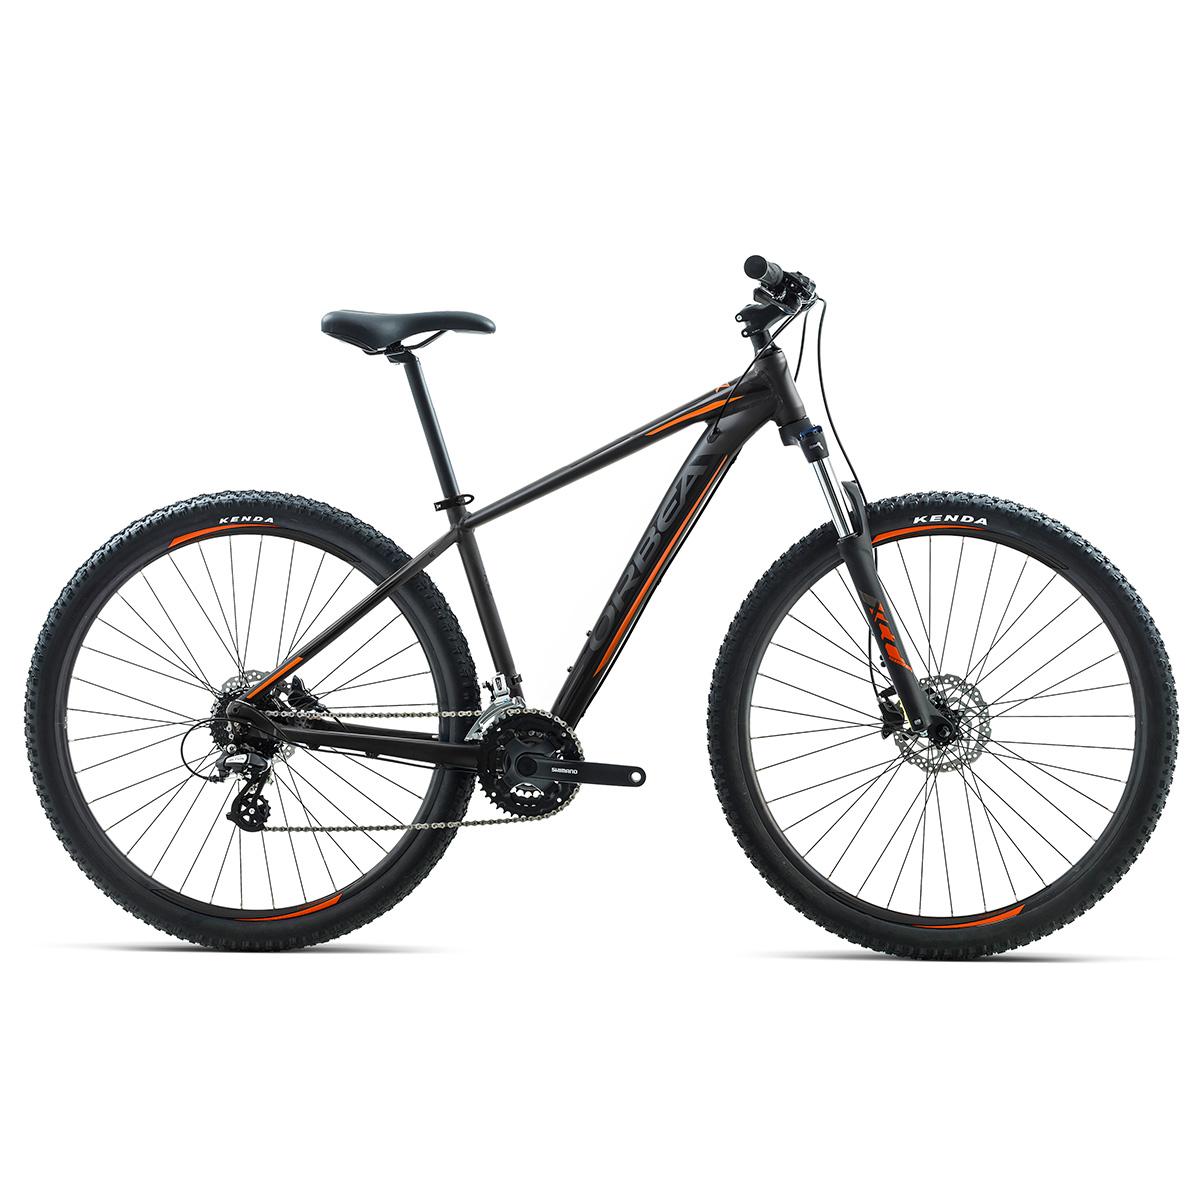 Image of   Orbea MX50 mountainbike med 21 gear - Sort/orange